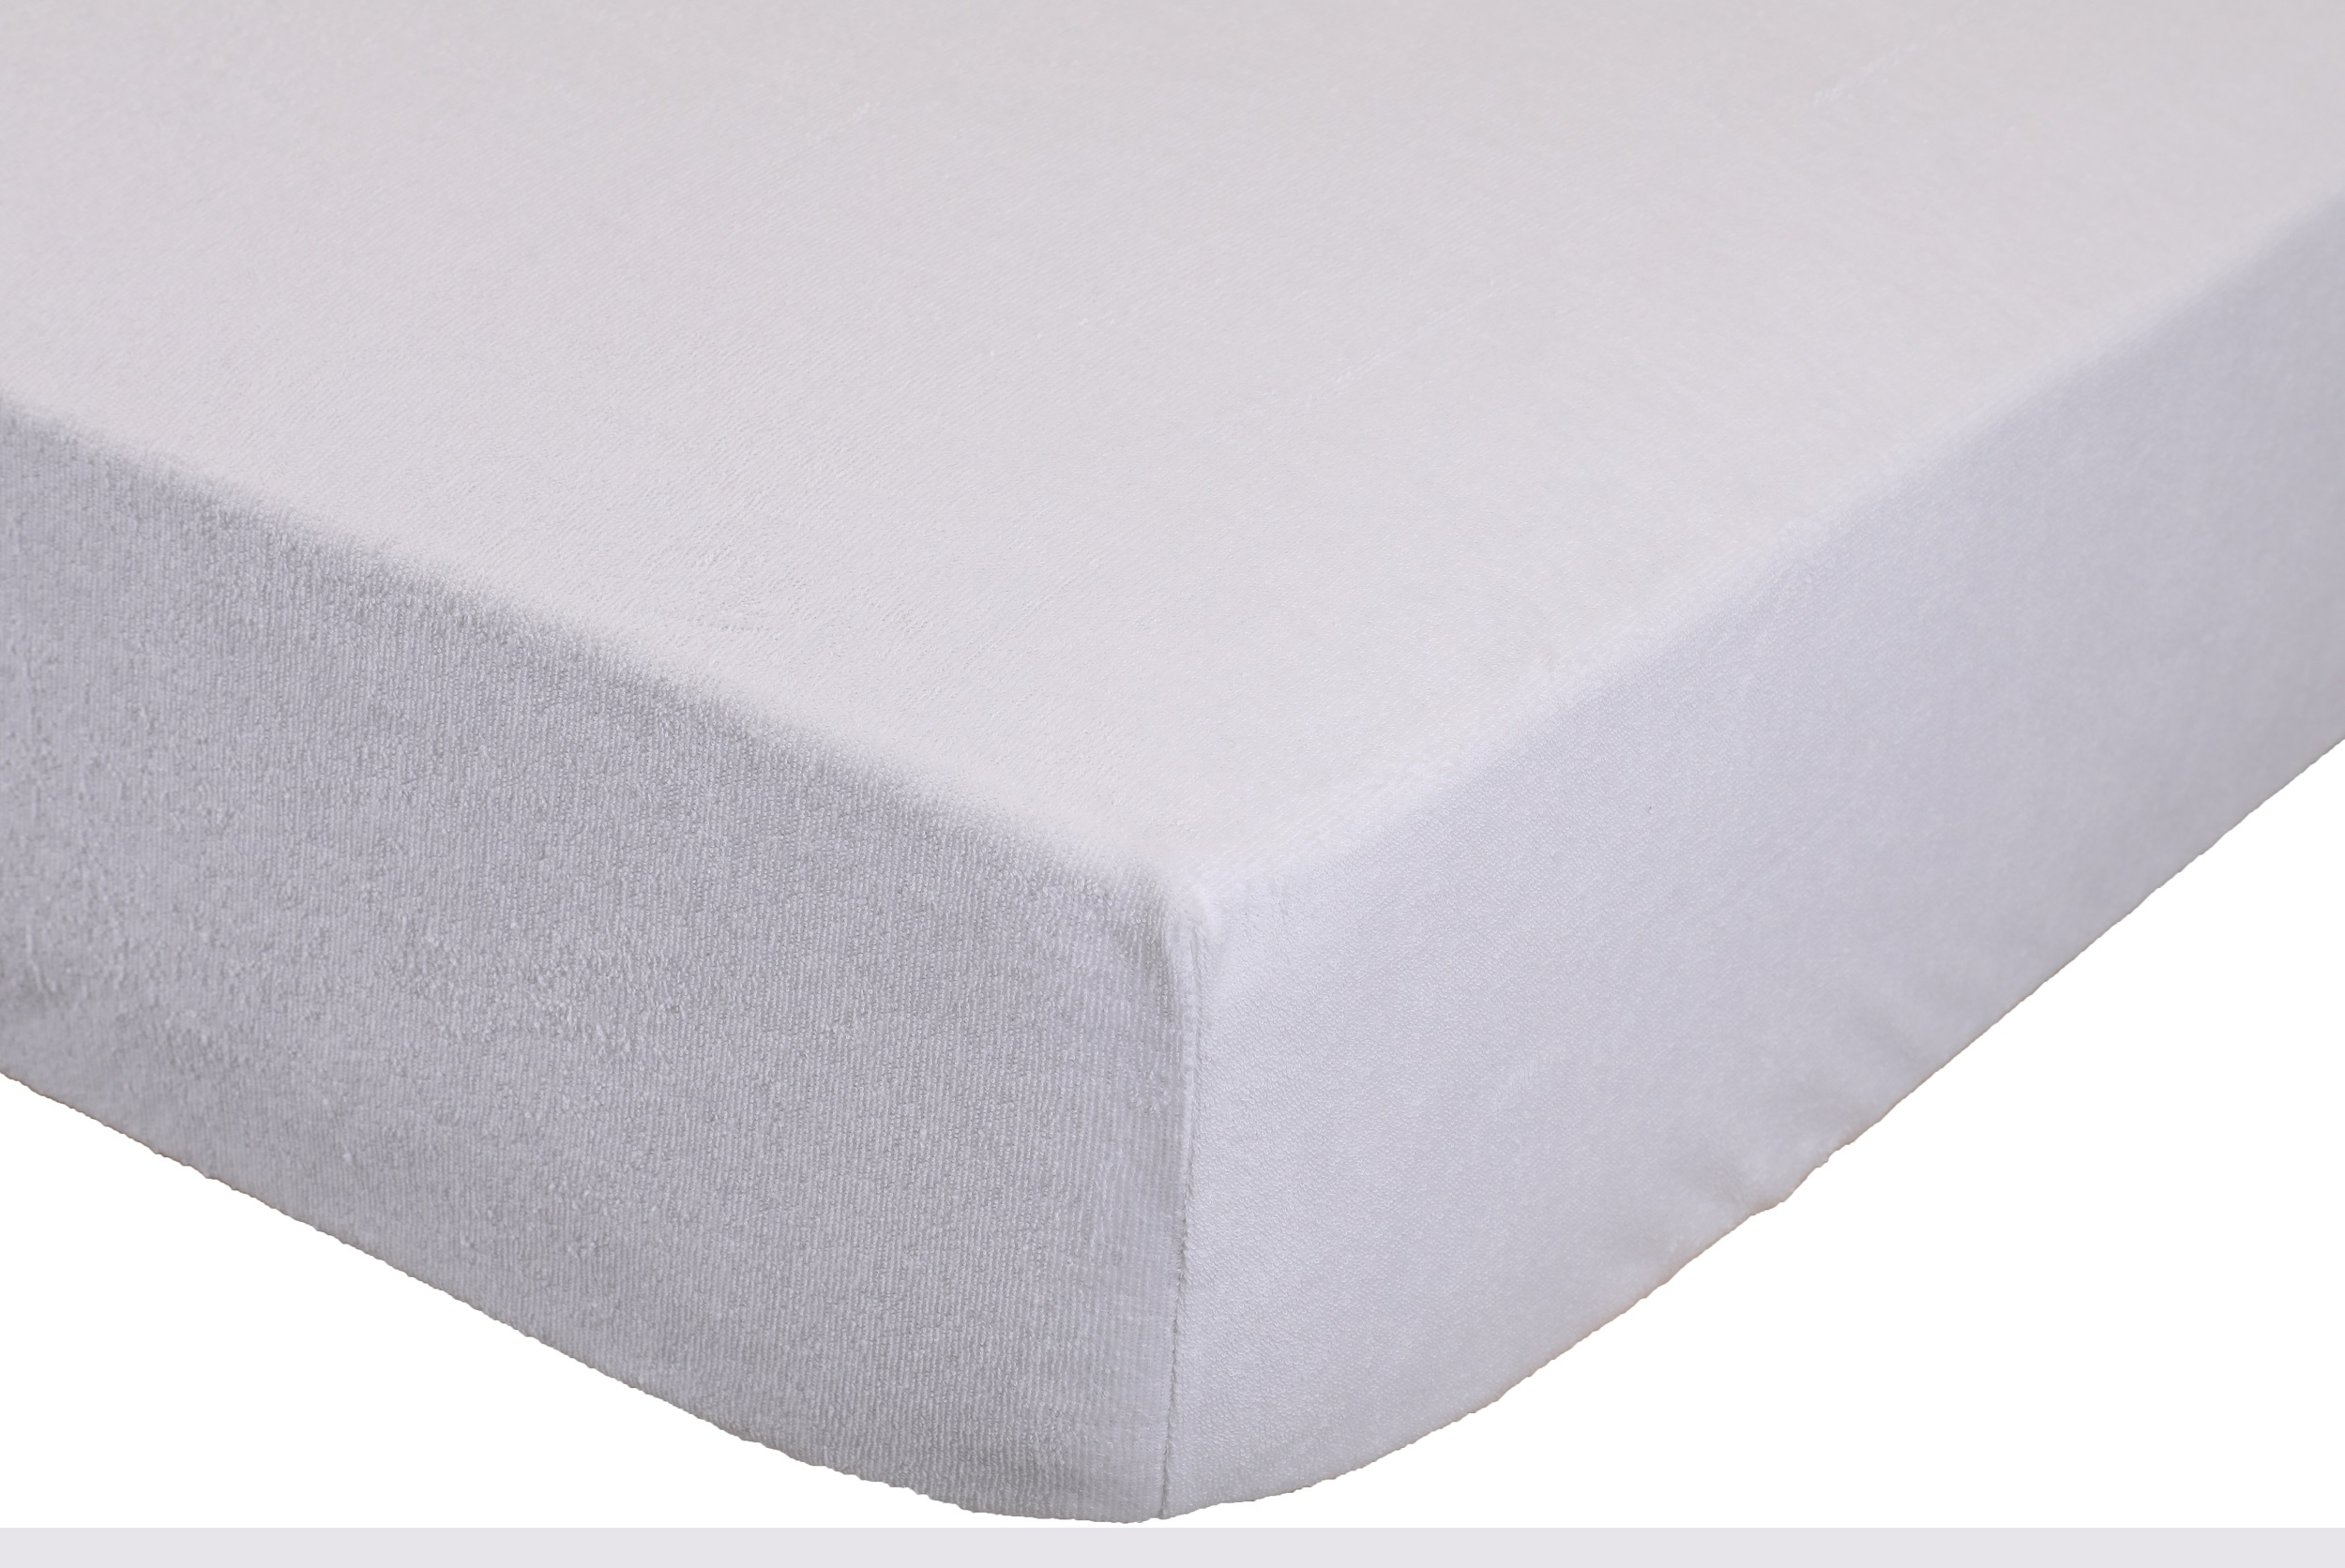 betz drap housse imperm able taille 100x200 cm coton couleur blanc. Black Bedroom Furniture Sets. Home Design Ideas